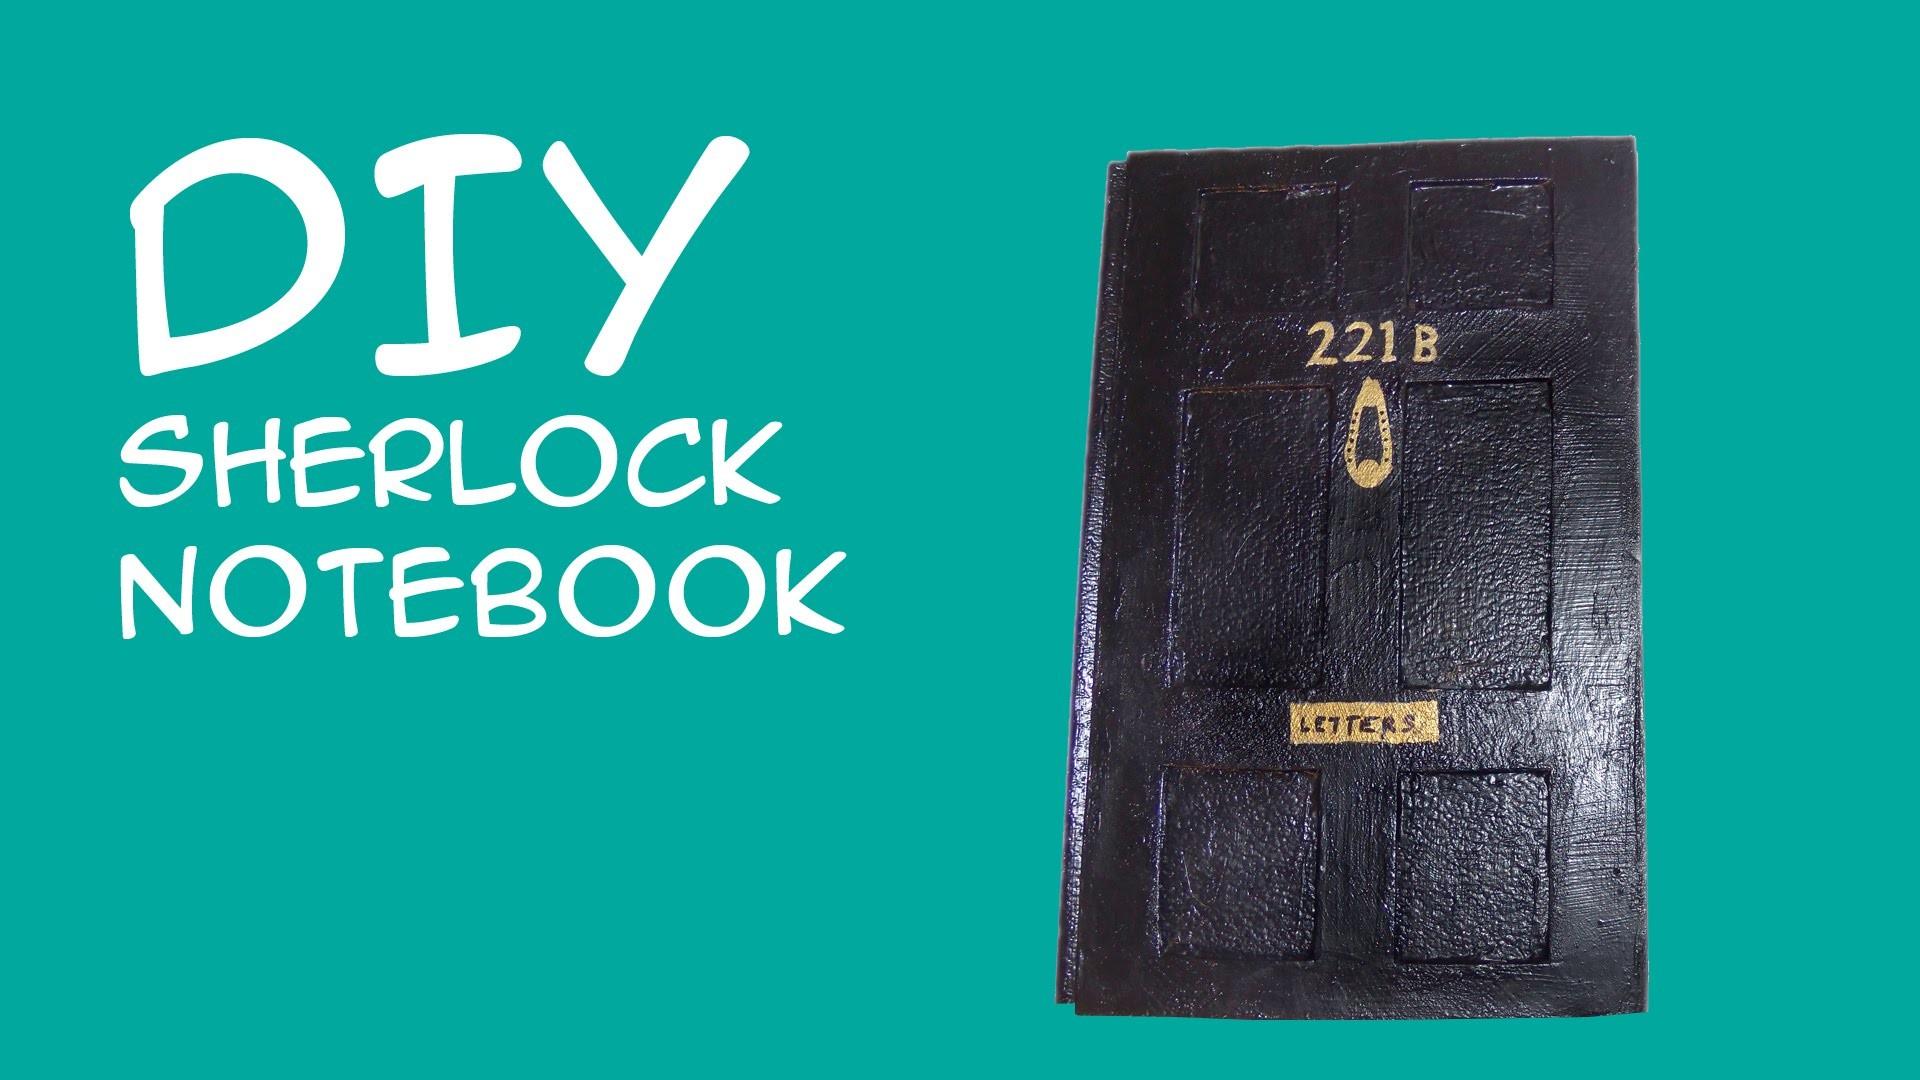 DIY Sherlock Notebook: 221b Baker Street Door Sketchbook (Sherlock Fandom)  CraftyMcFangirl.com